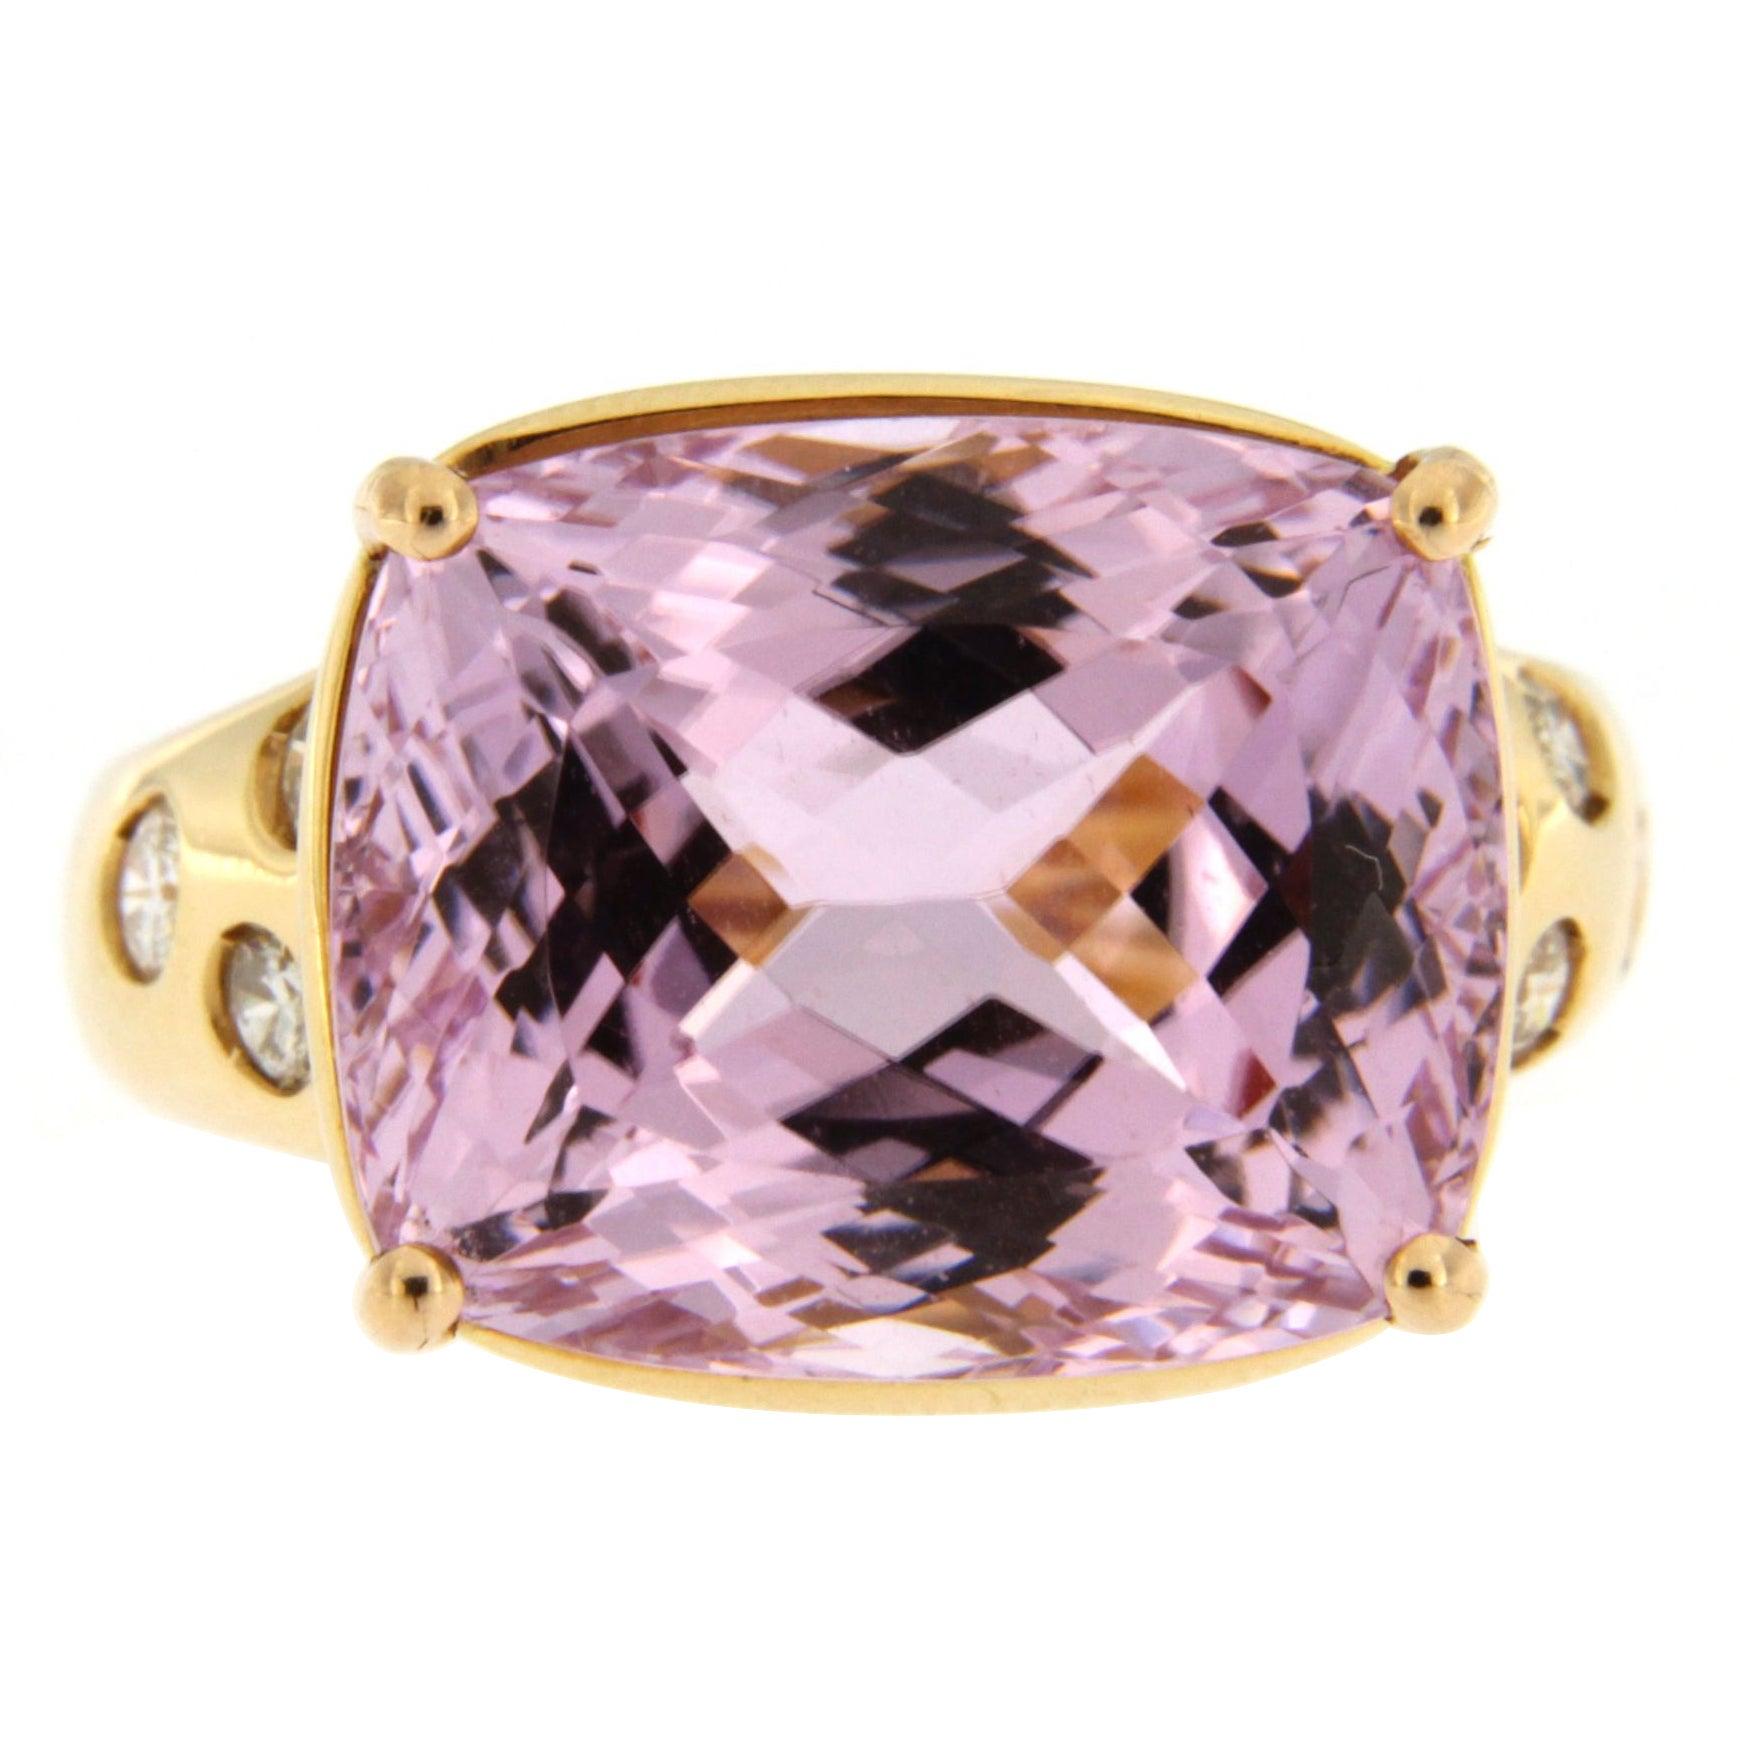 6.75 Carat Kunzite and Diamond 18 Karat White Gold Ring For Sale at ...